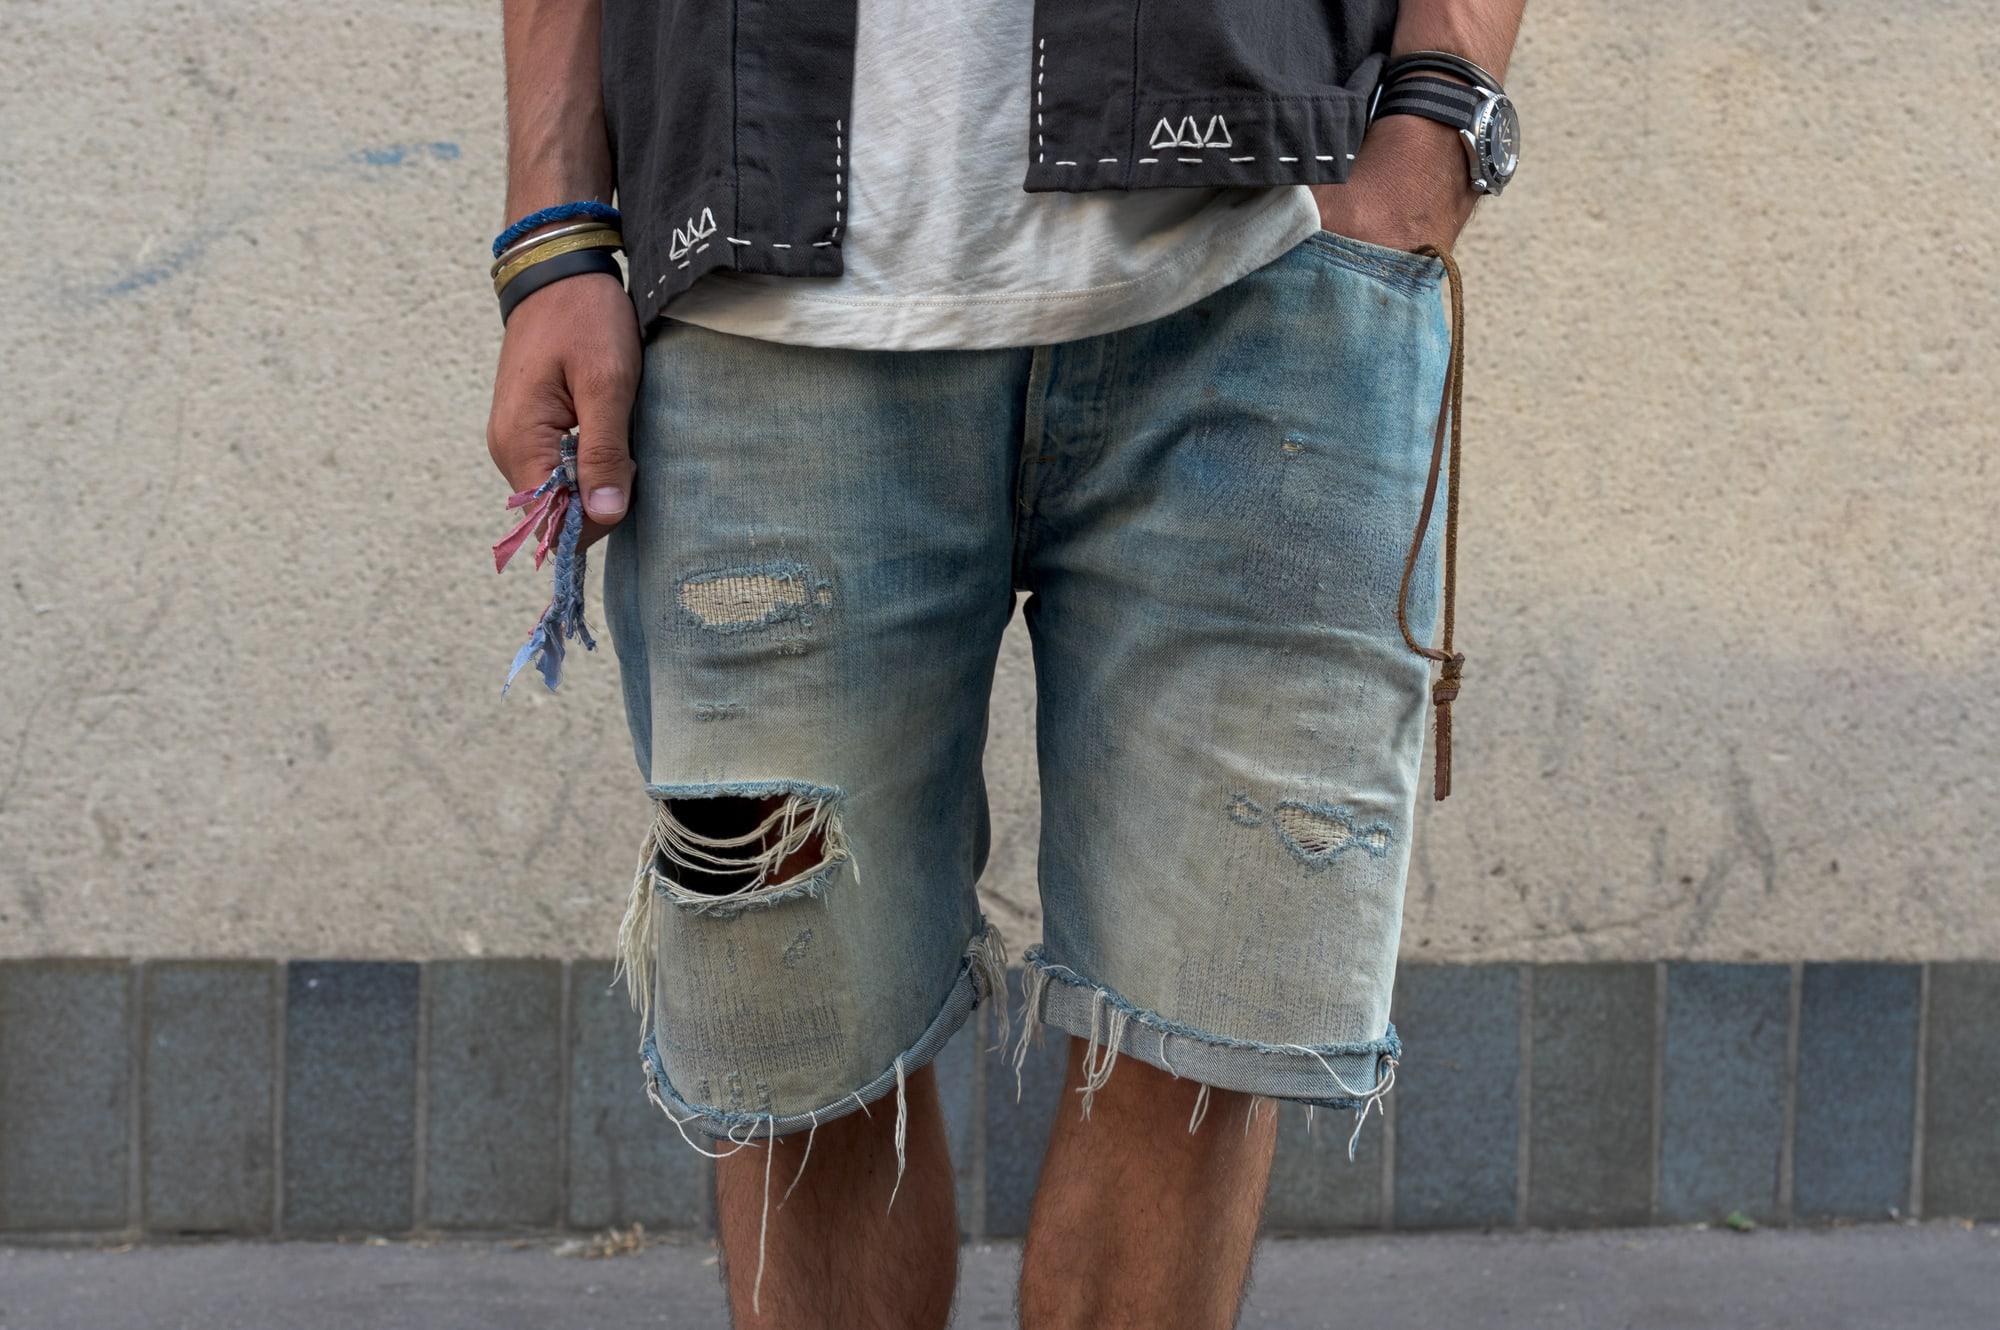 Comment porter un short en jean large droit dans une tenue style homme pour l'été